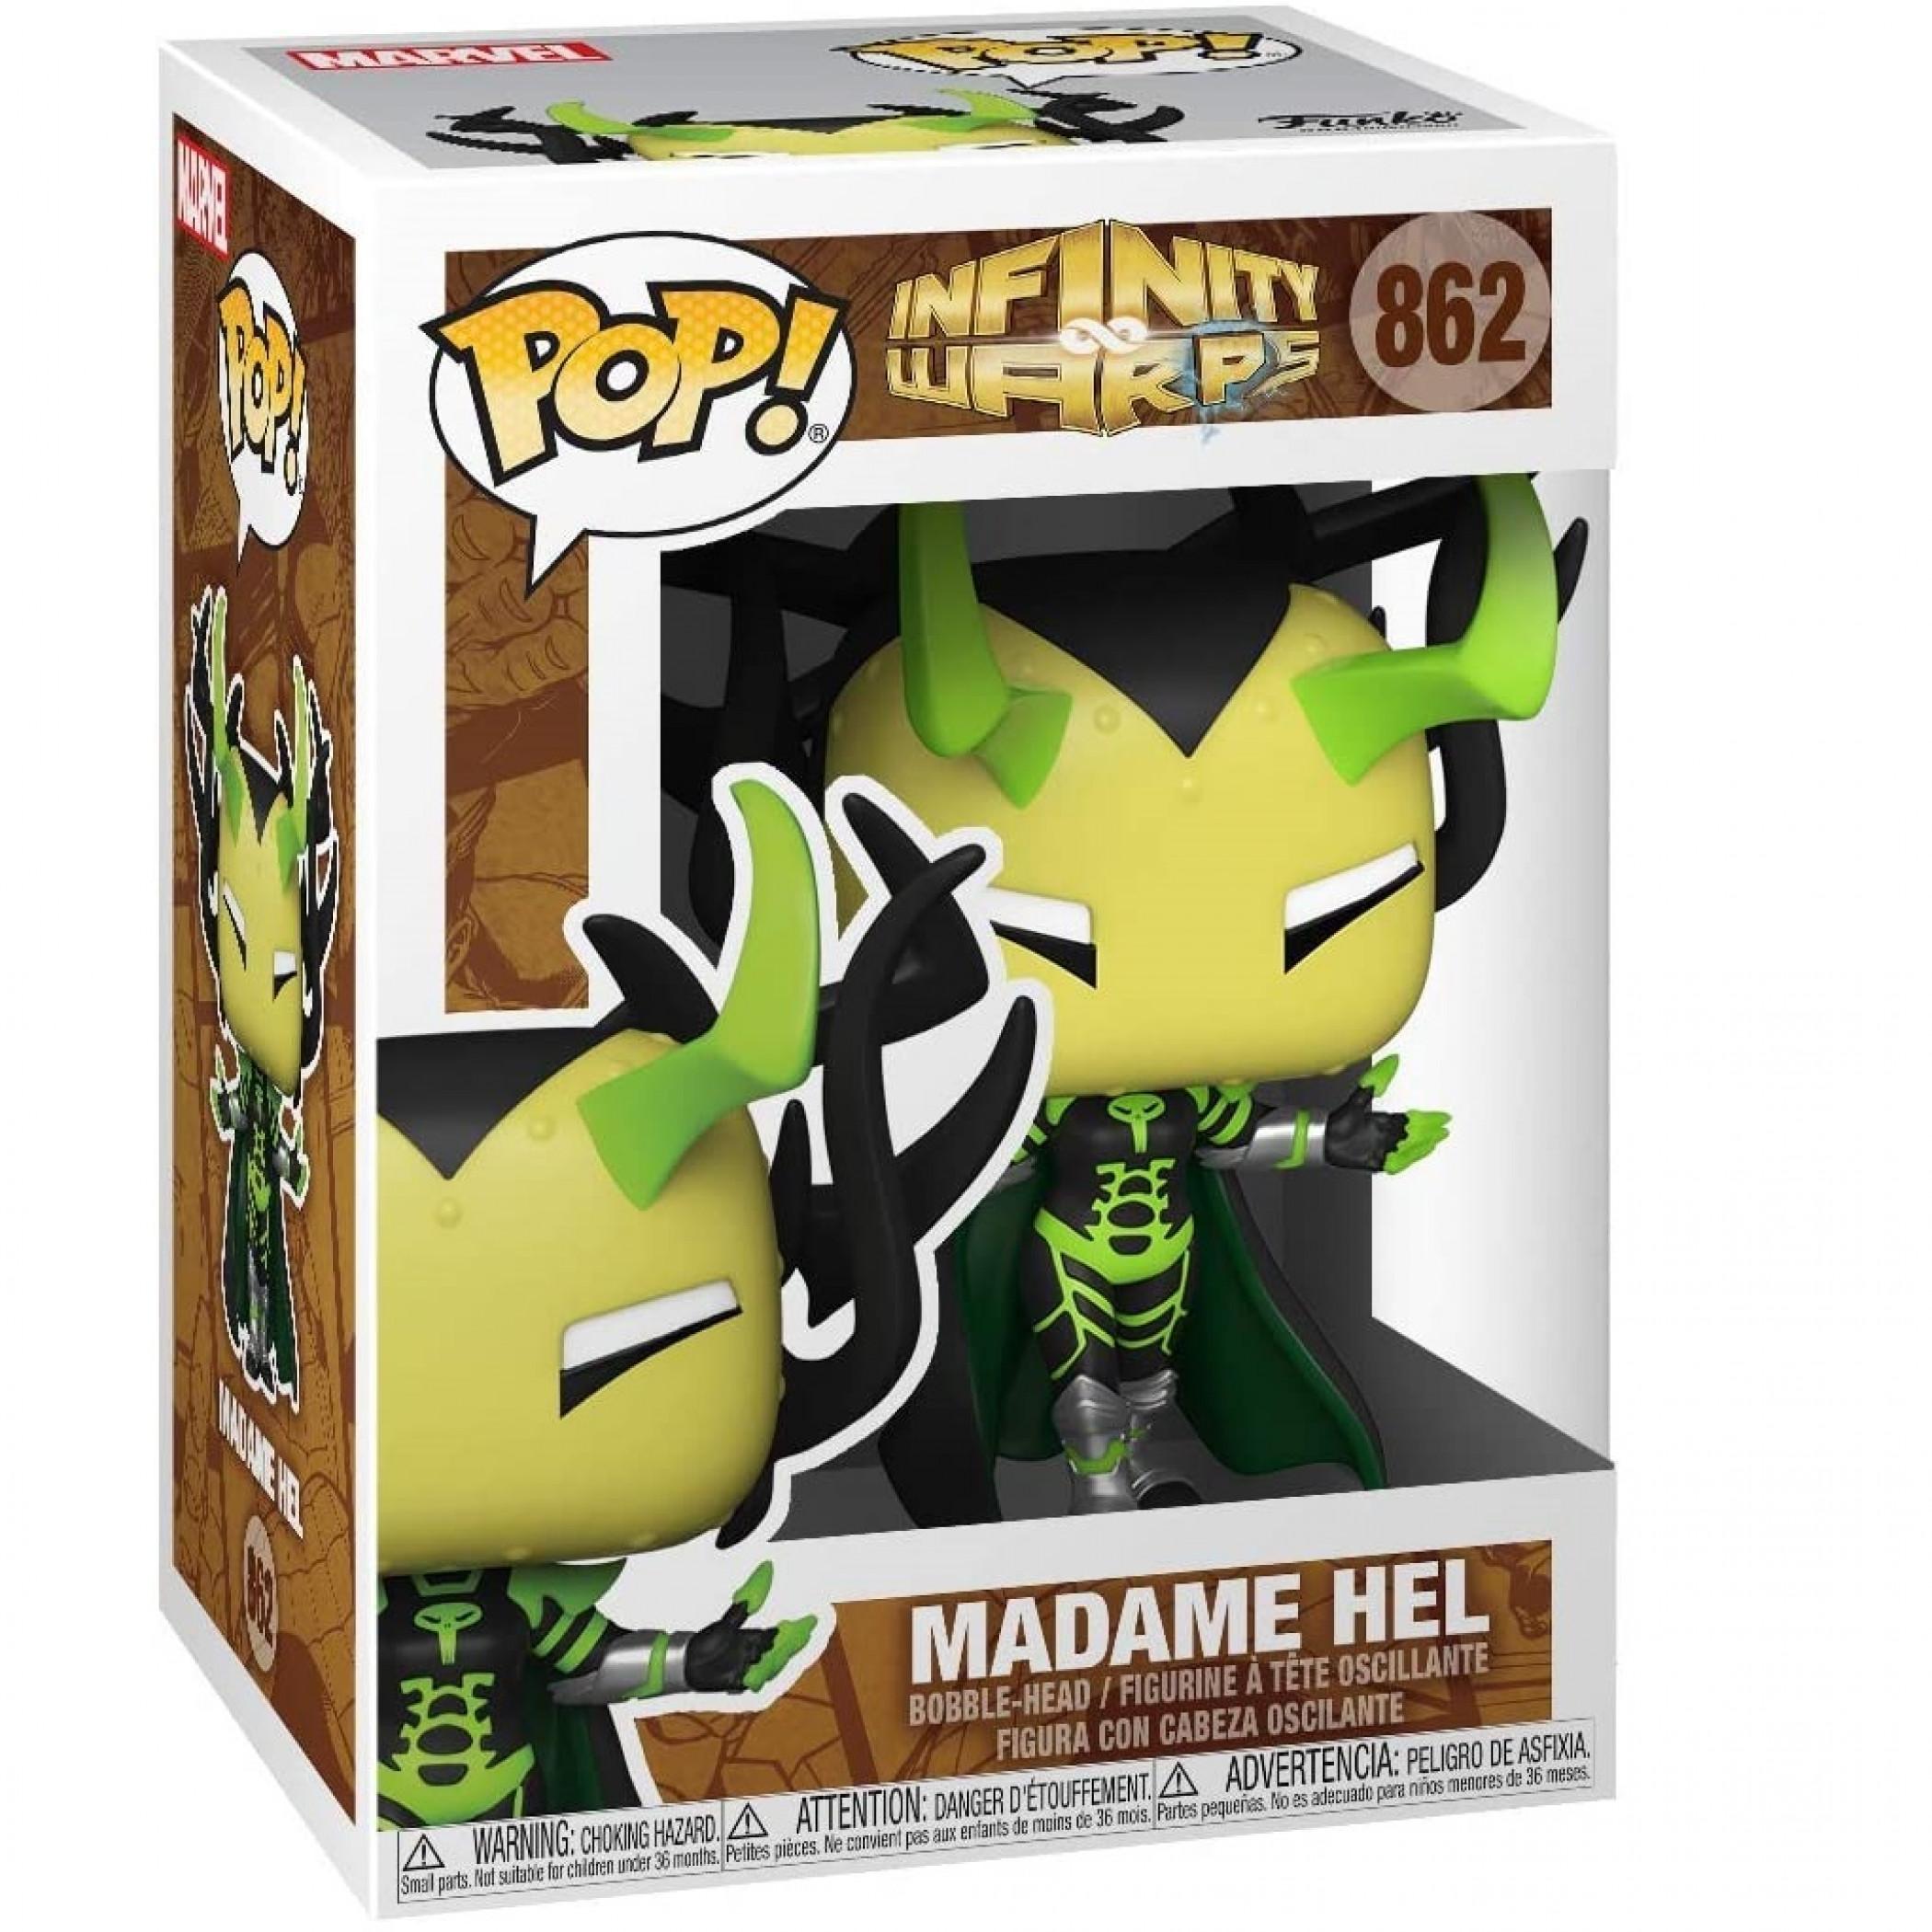 Marvel Infinity Warps Madame Hel Funko Pop! Vinyl Figure